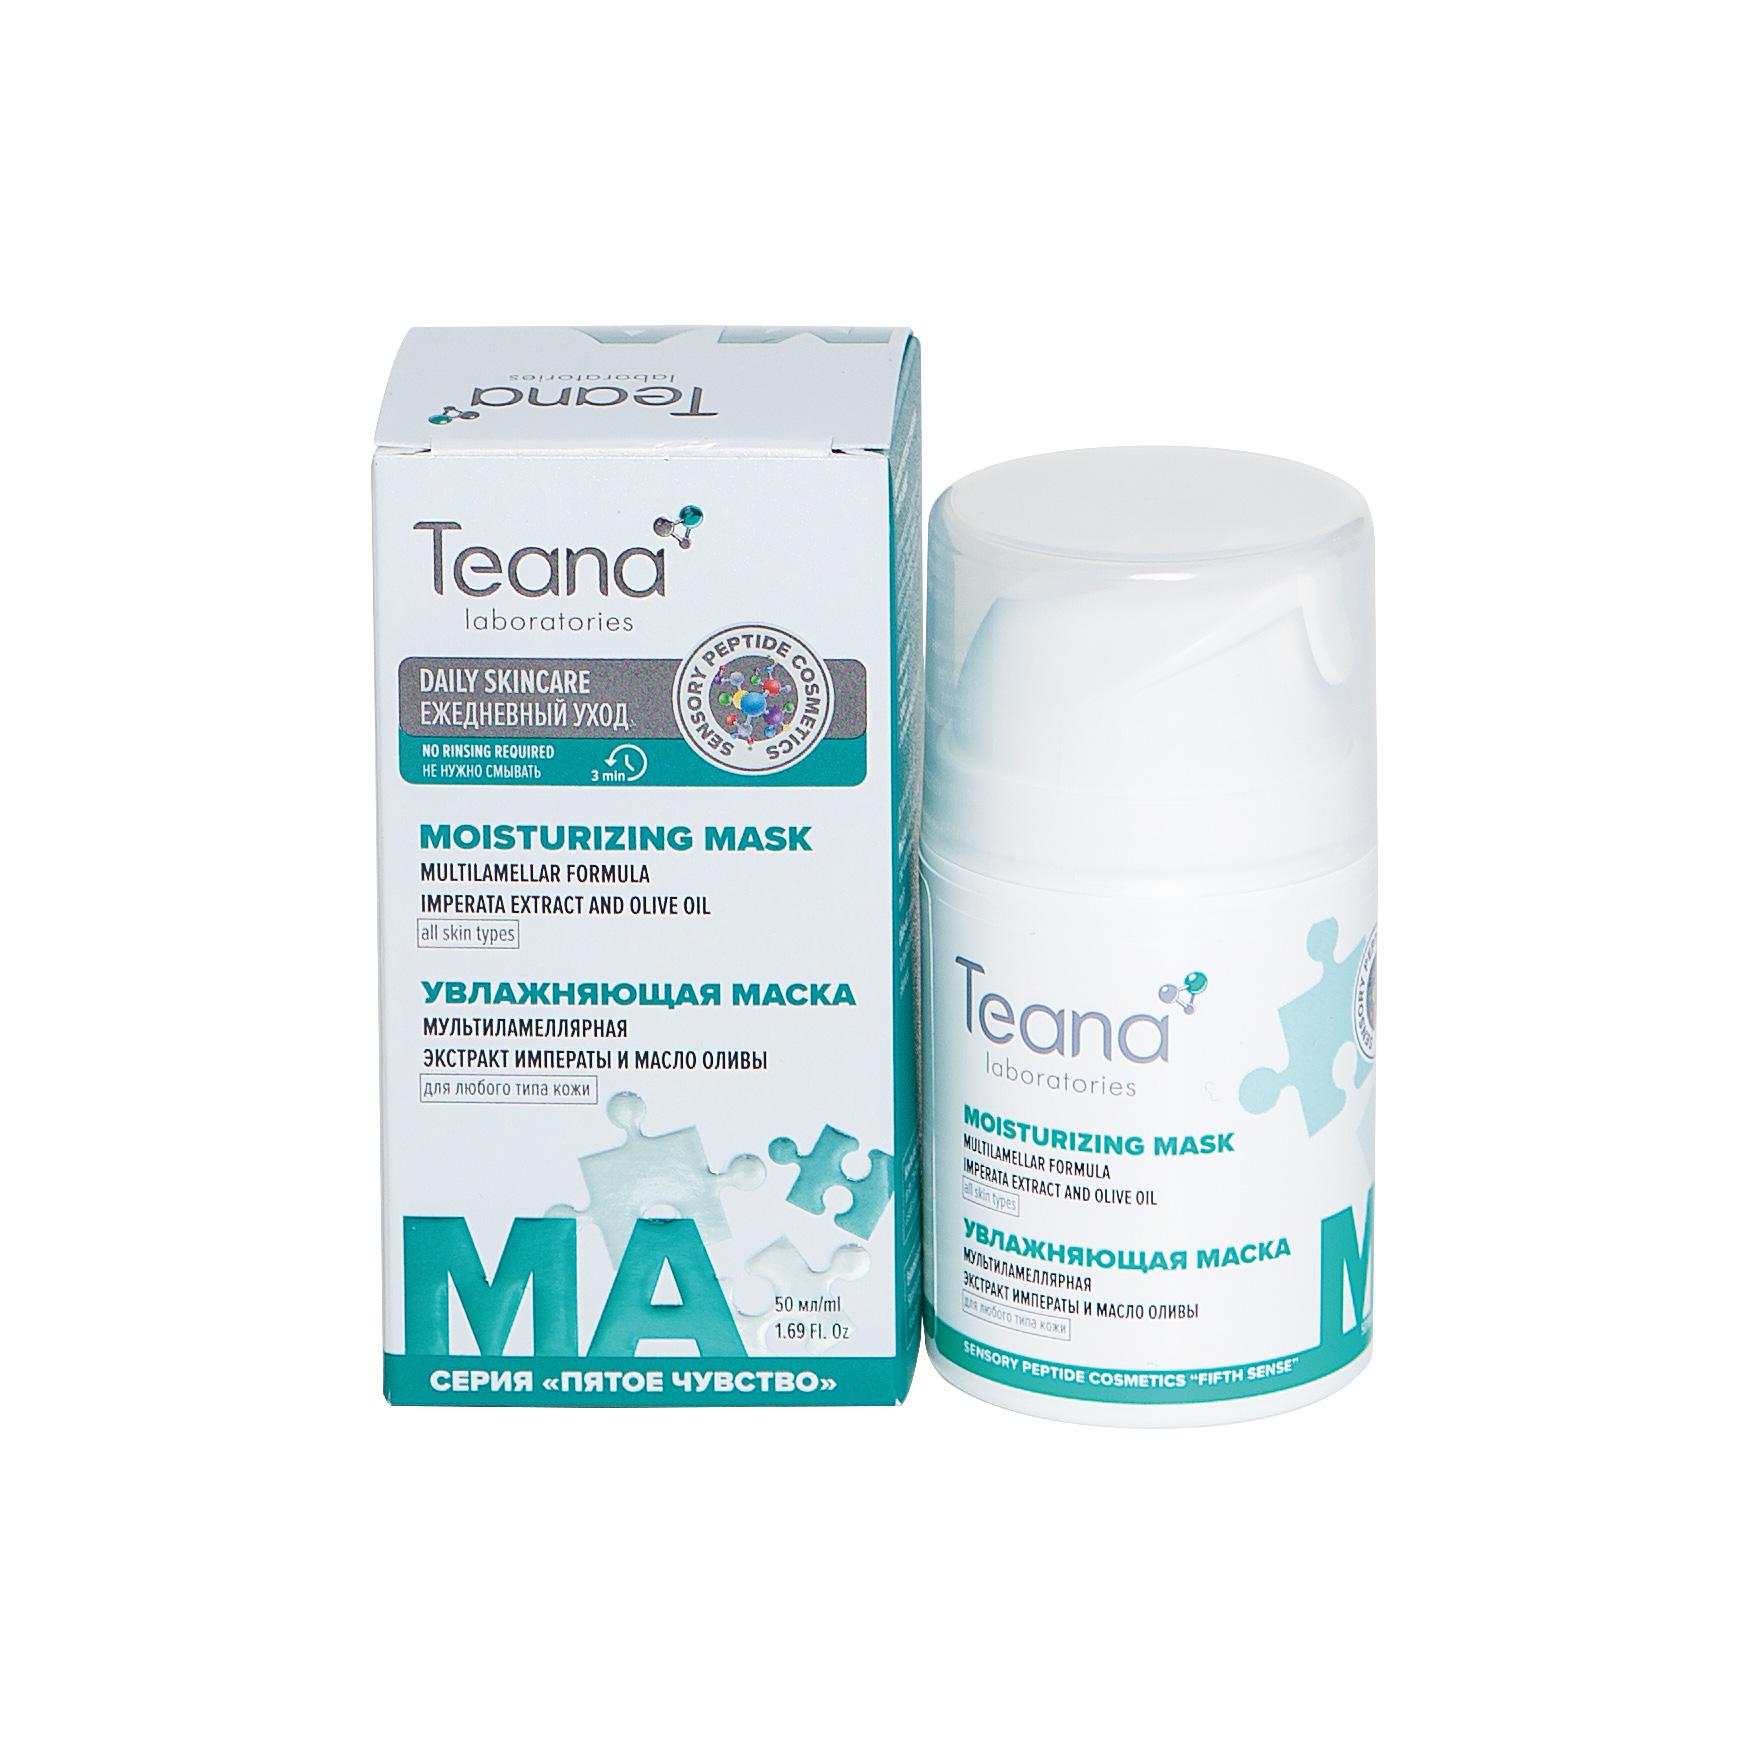 Teana Увлажняющая мультиламеллярная маска с экстрактом Императы 50 мл (Teana, Пятое чувство)